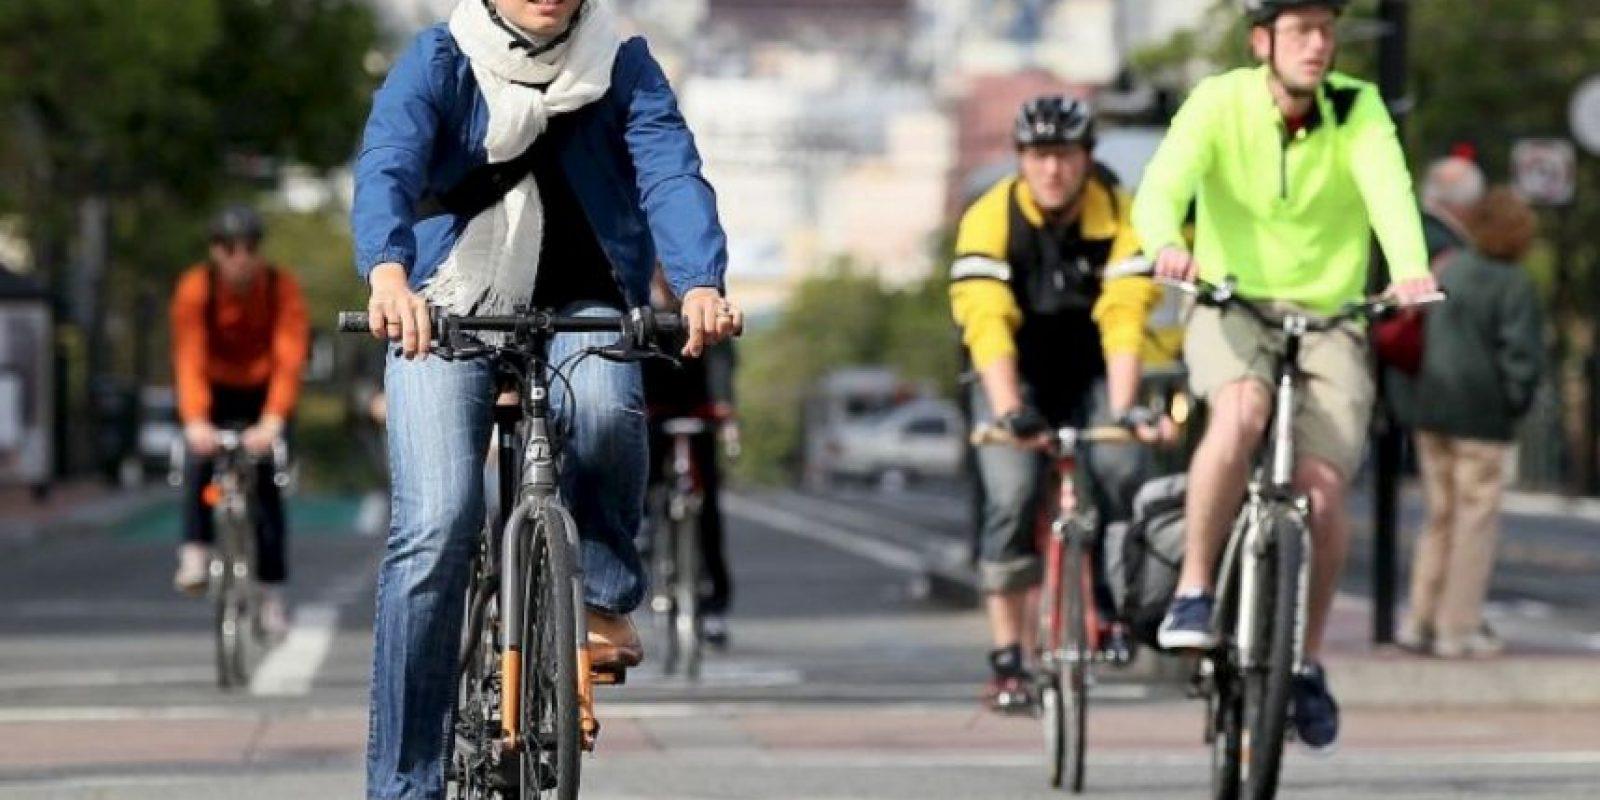 2. De noche deben utilizar luces y reflectantes tanto en la bicicleta como en su ropa. De día lleven ropa de colores llamativos que no se pueda confundir con el paisaje. Foto:Getty Images. Imagen Por: